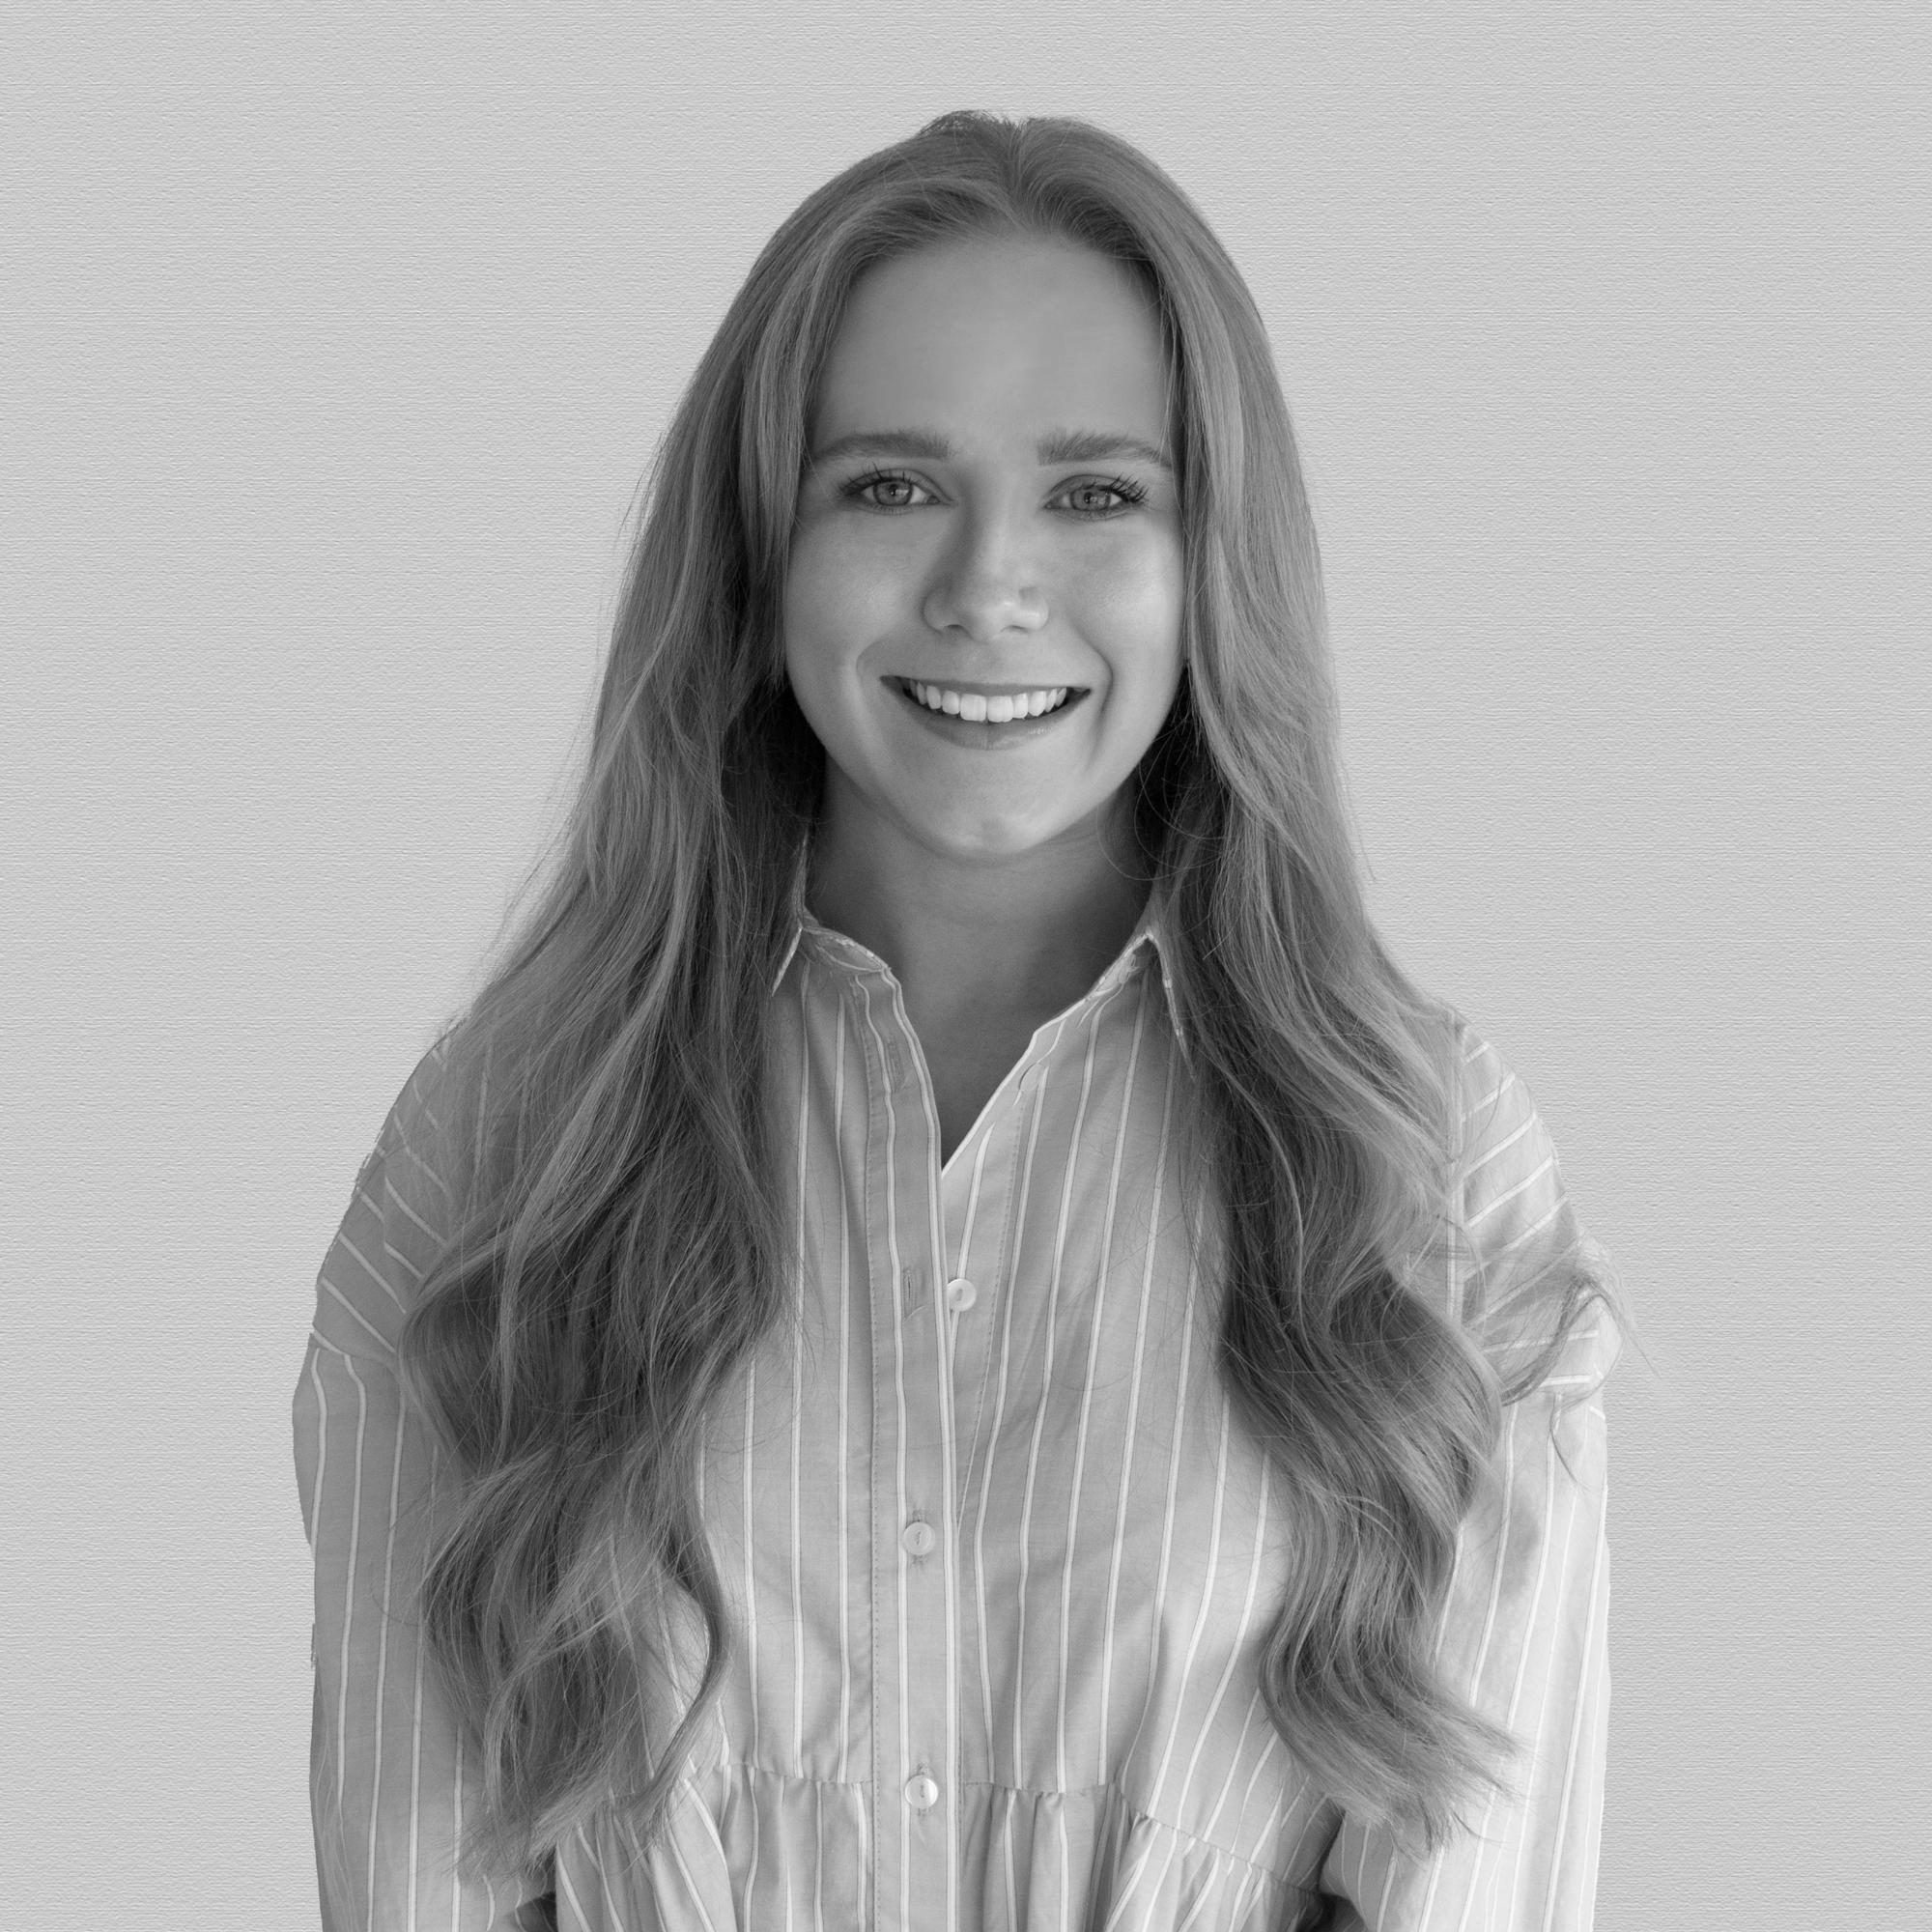 Sarah Harford